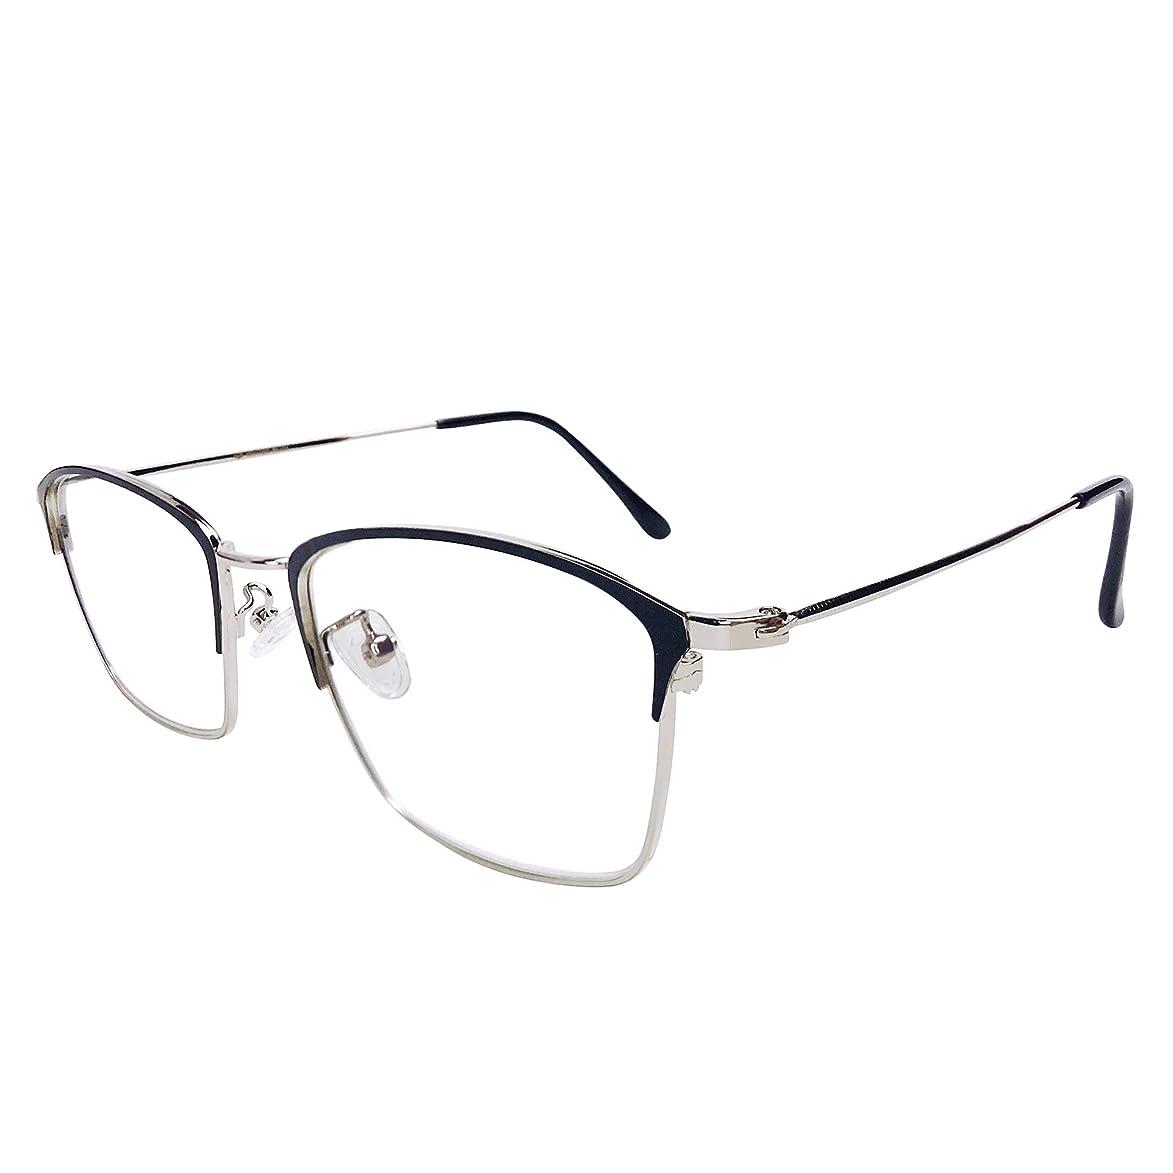 WINTER PLUM Reading Glasse,Blue Light Blocking Computer Glasses,Anti UV Glare Harmful for Men and Women(9007/Black)